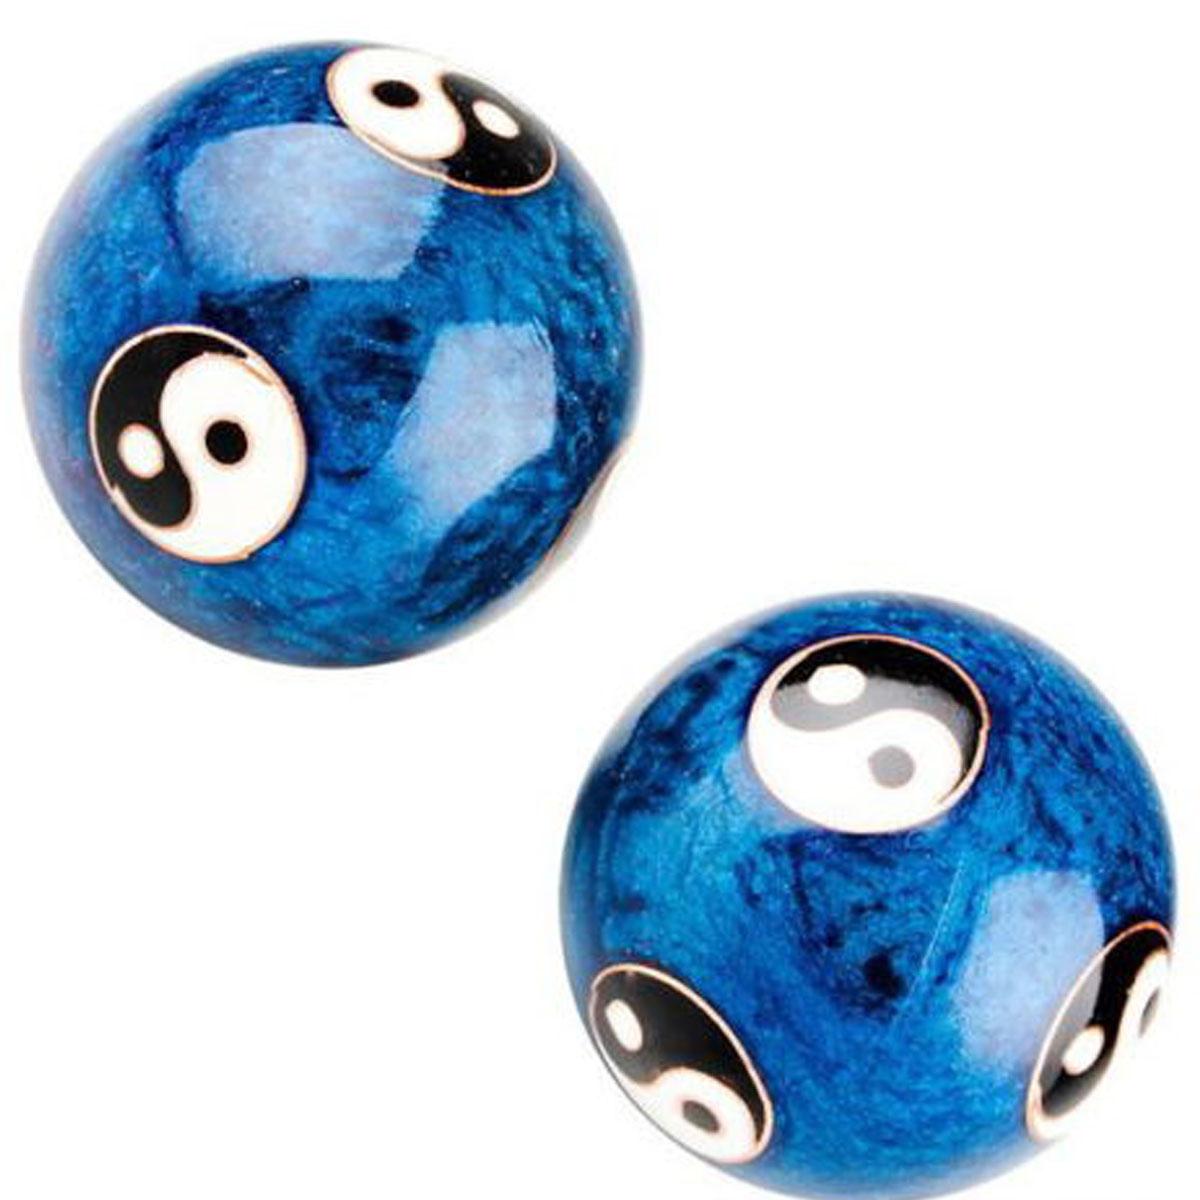 Китайский Здоровье Ball Ежедневный Упражнение Стресс Relief Гандбол Терапия Massager Balls - фото 6